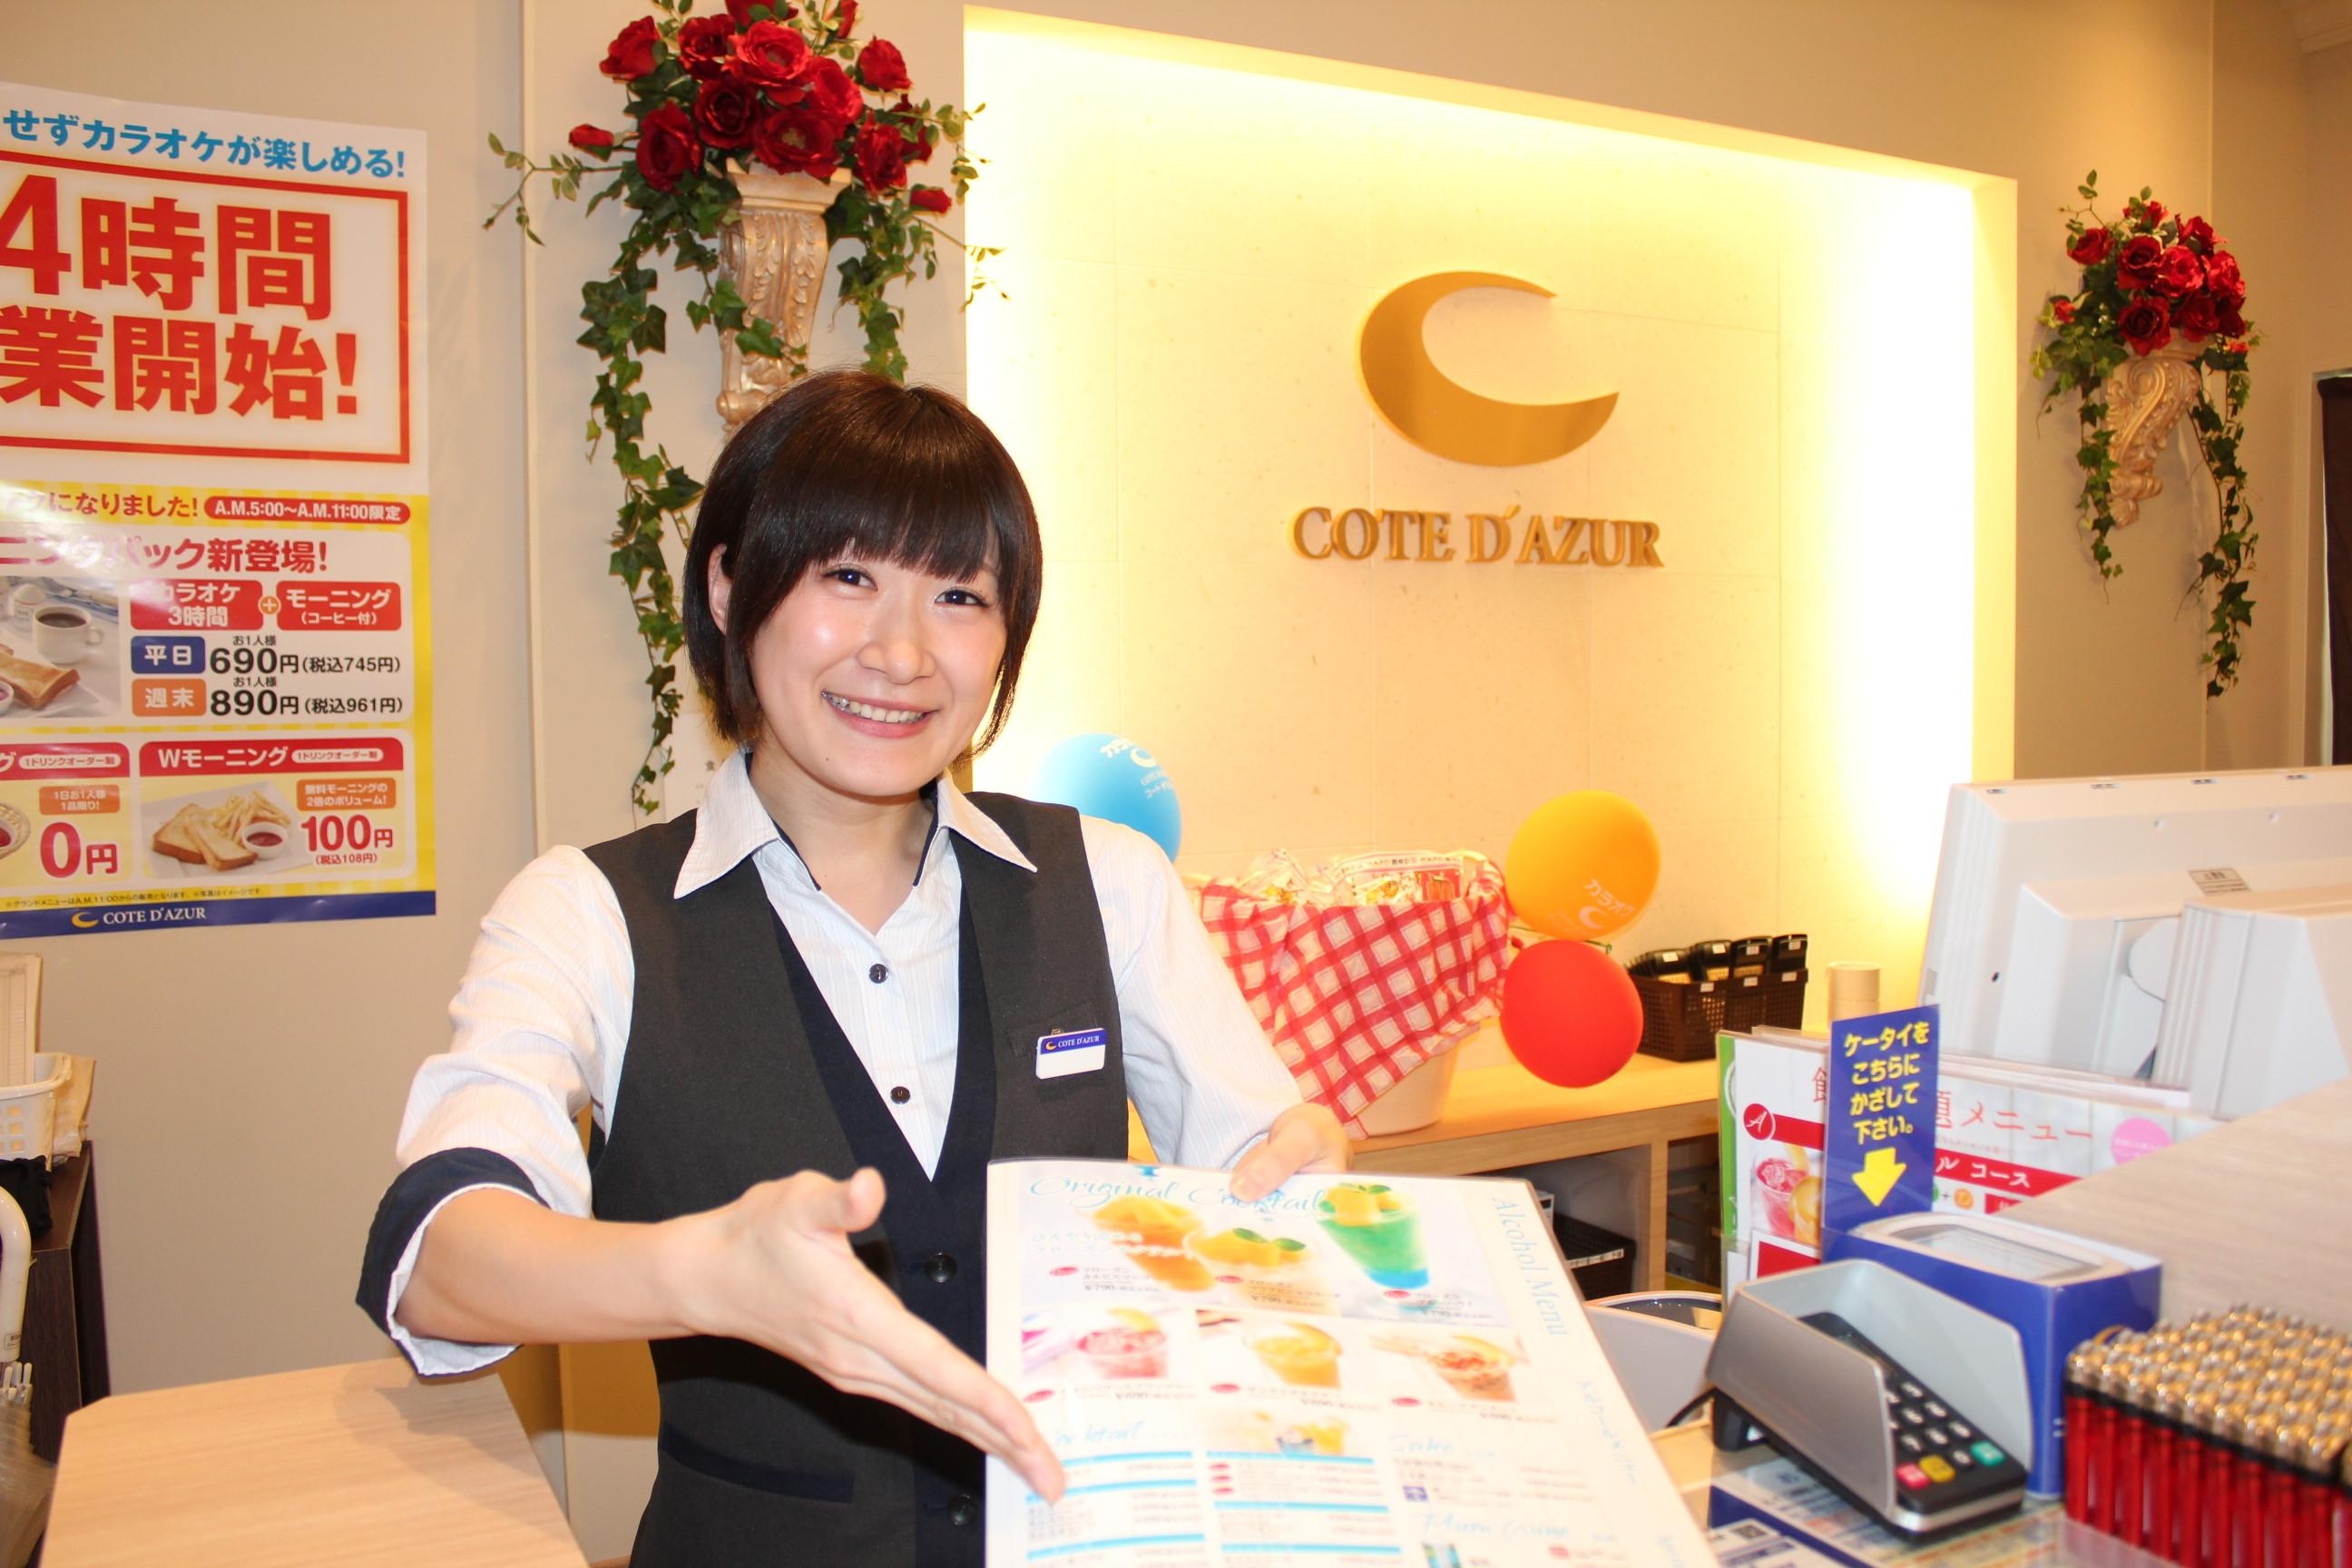 コート・ダジュール 荻窪駅前店 のアルバイト情報